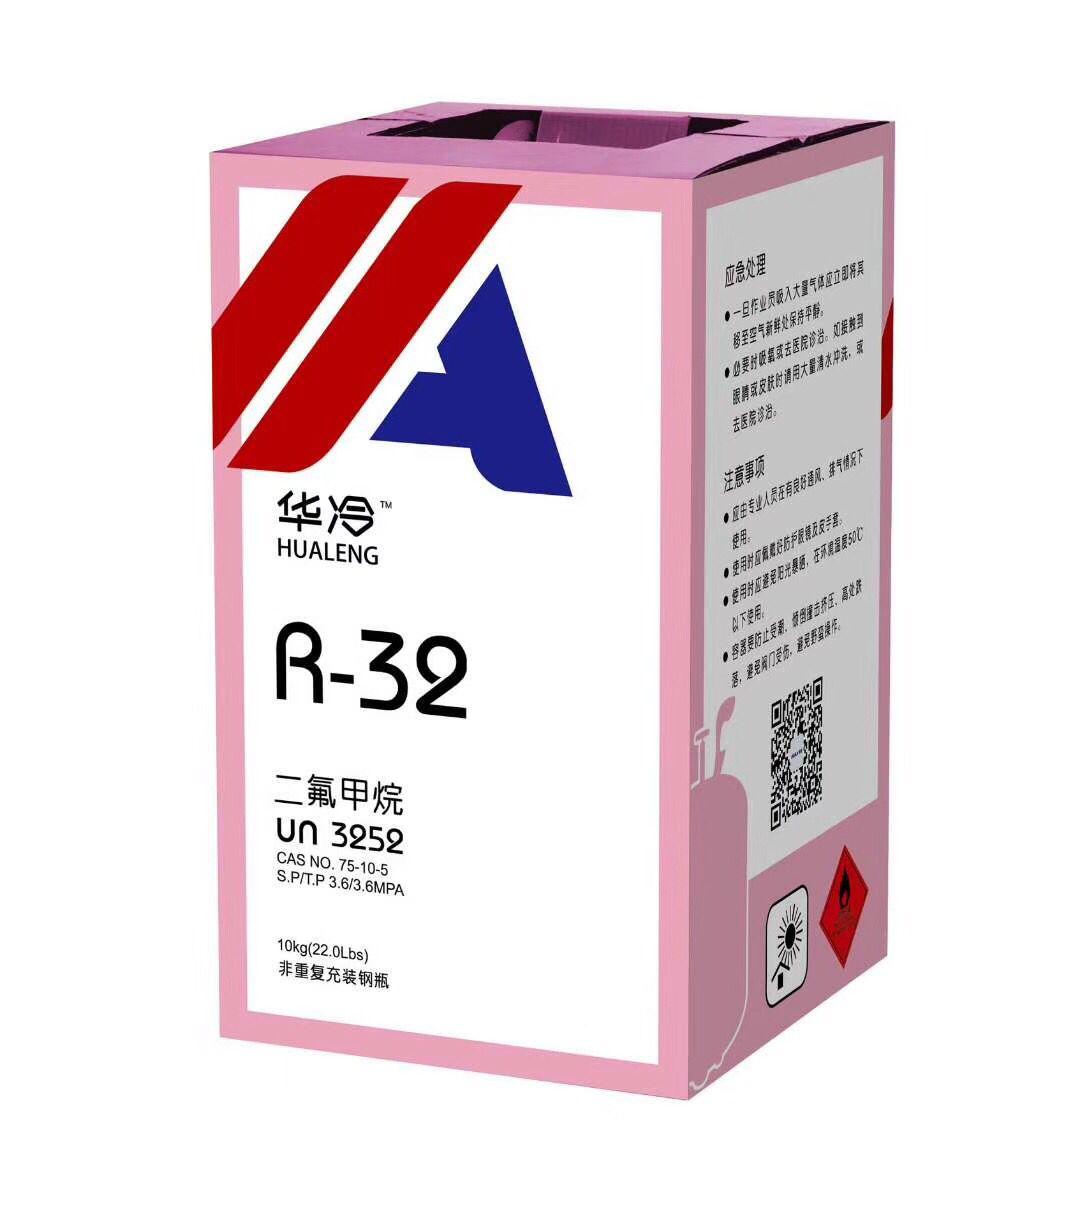 华冷R32 7KG净重 商品代码11105